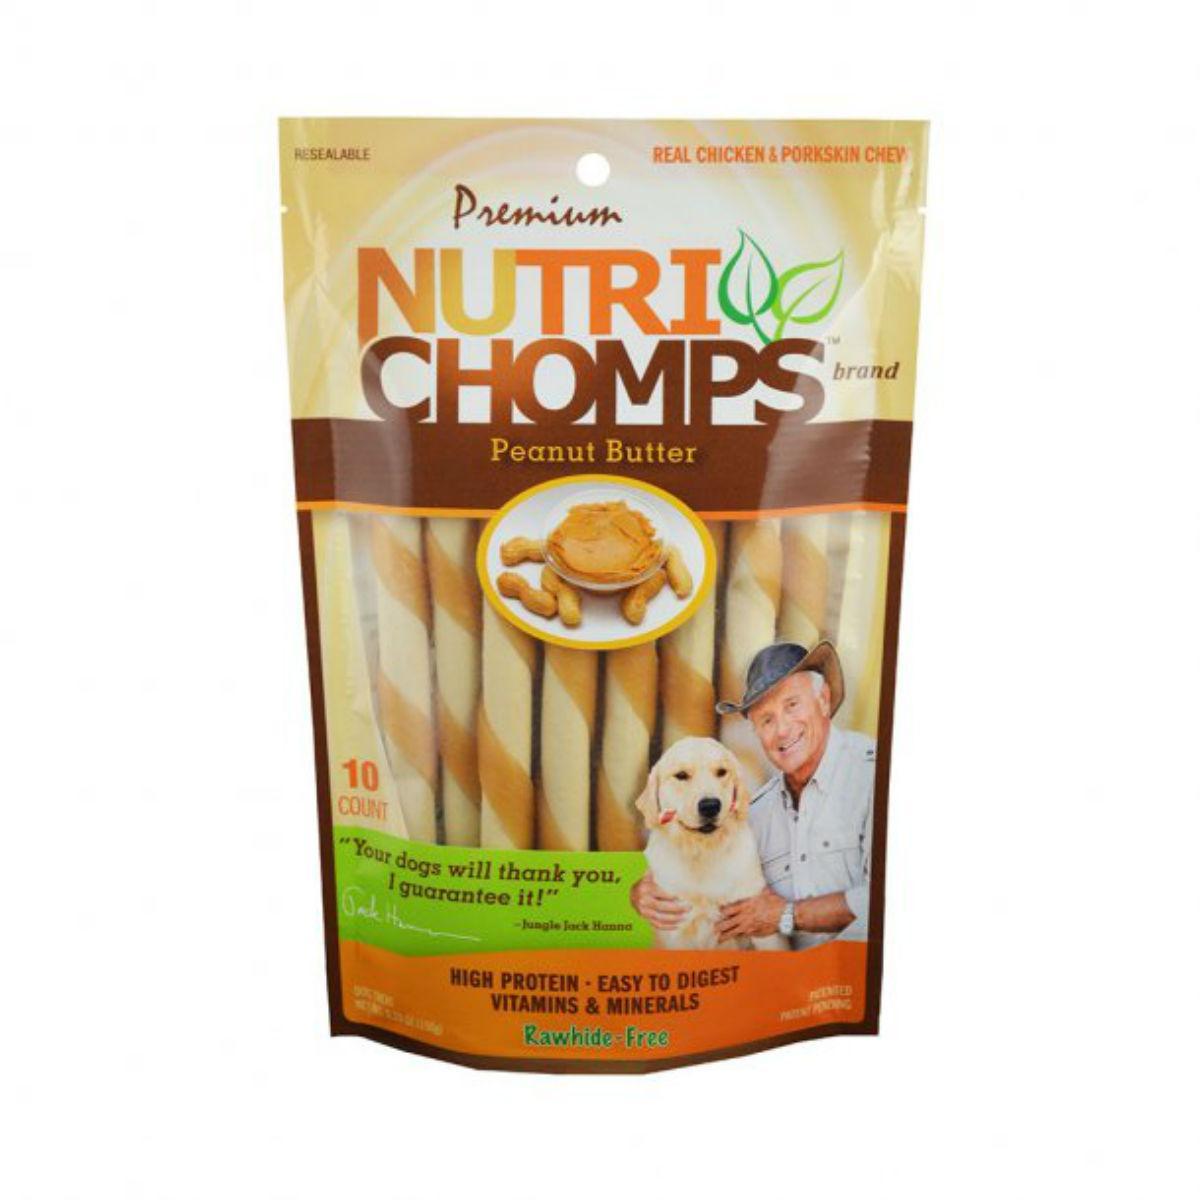 Nutri Chomps Twists Dog Treats - Peanut Butter